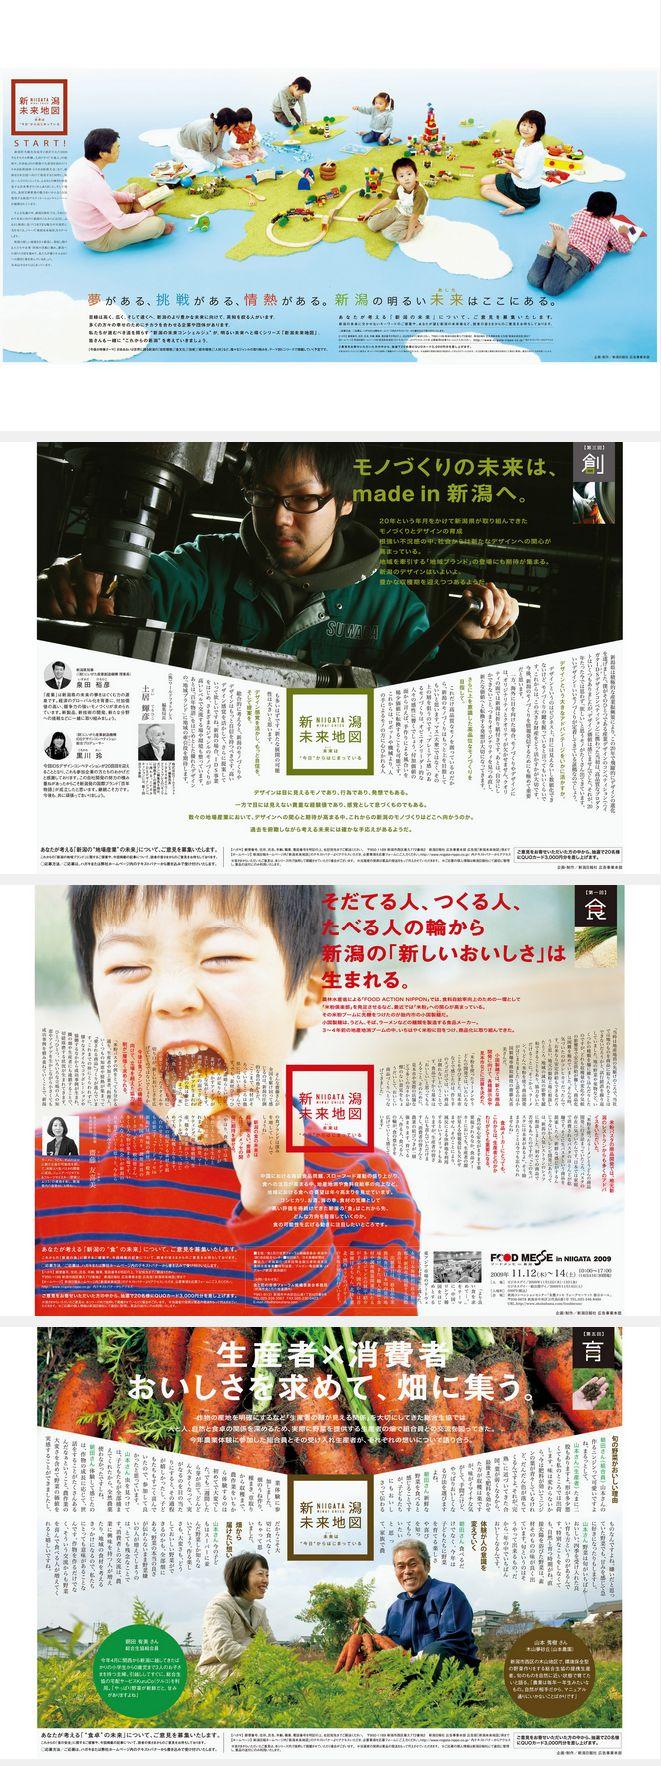 新潟未来地図[新聞広告]